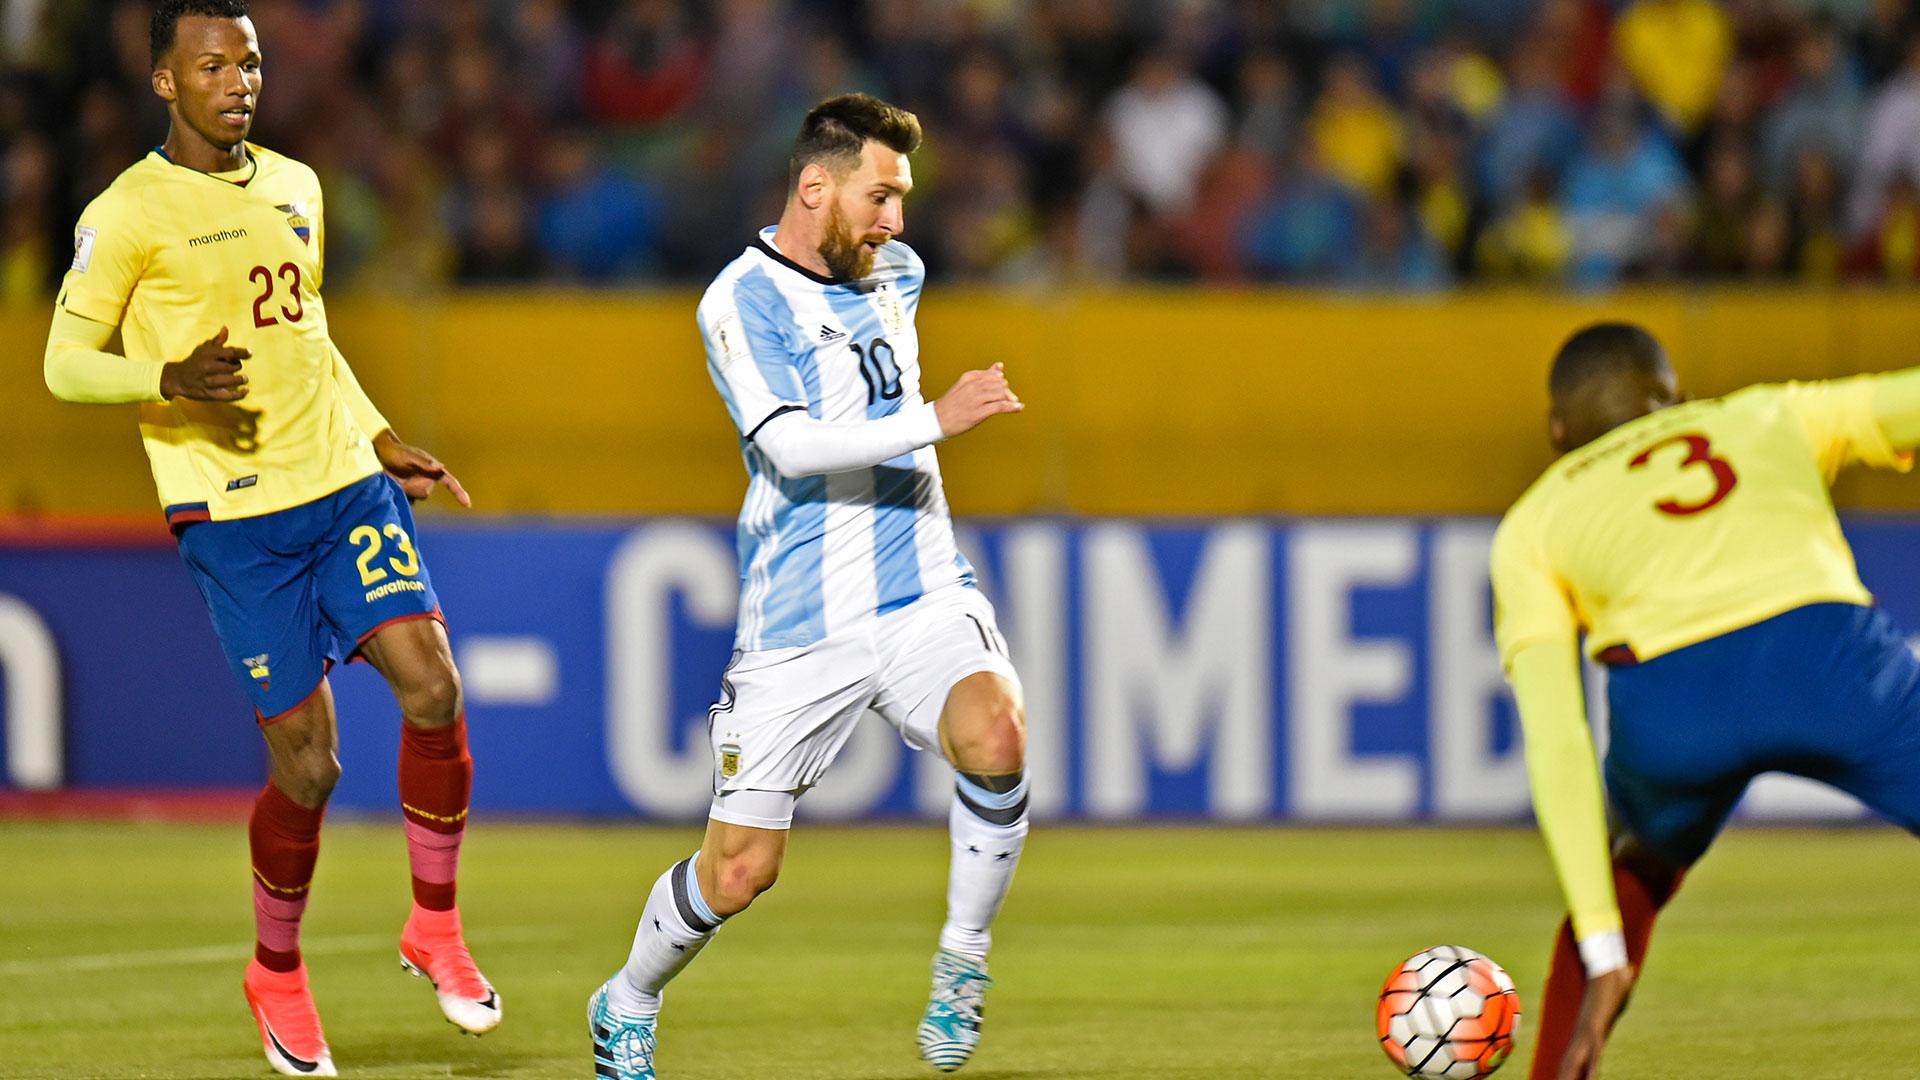 Con tres goles, el mejor jugador del mundo le dio la victoria al equipo de Sampaoli, que se clasificó a la Copa del Mundo